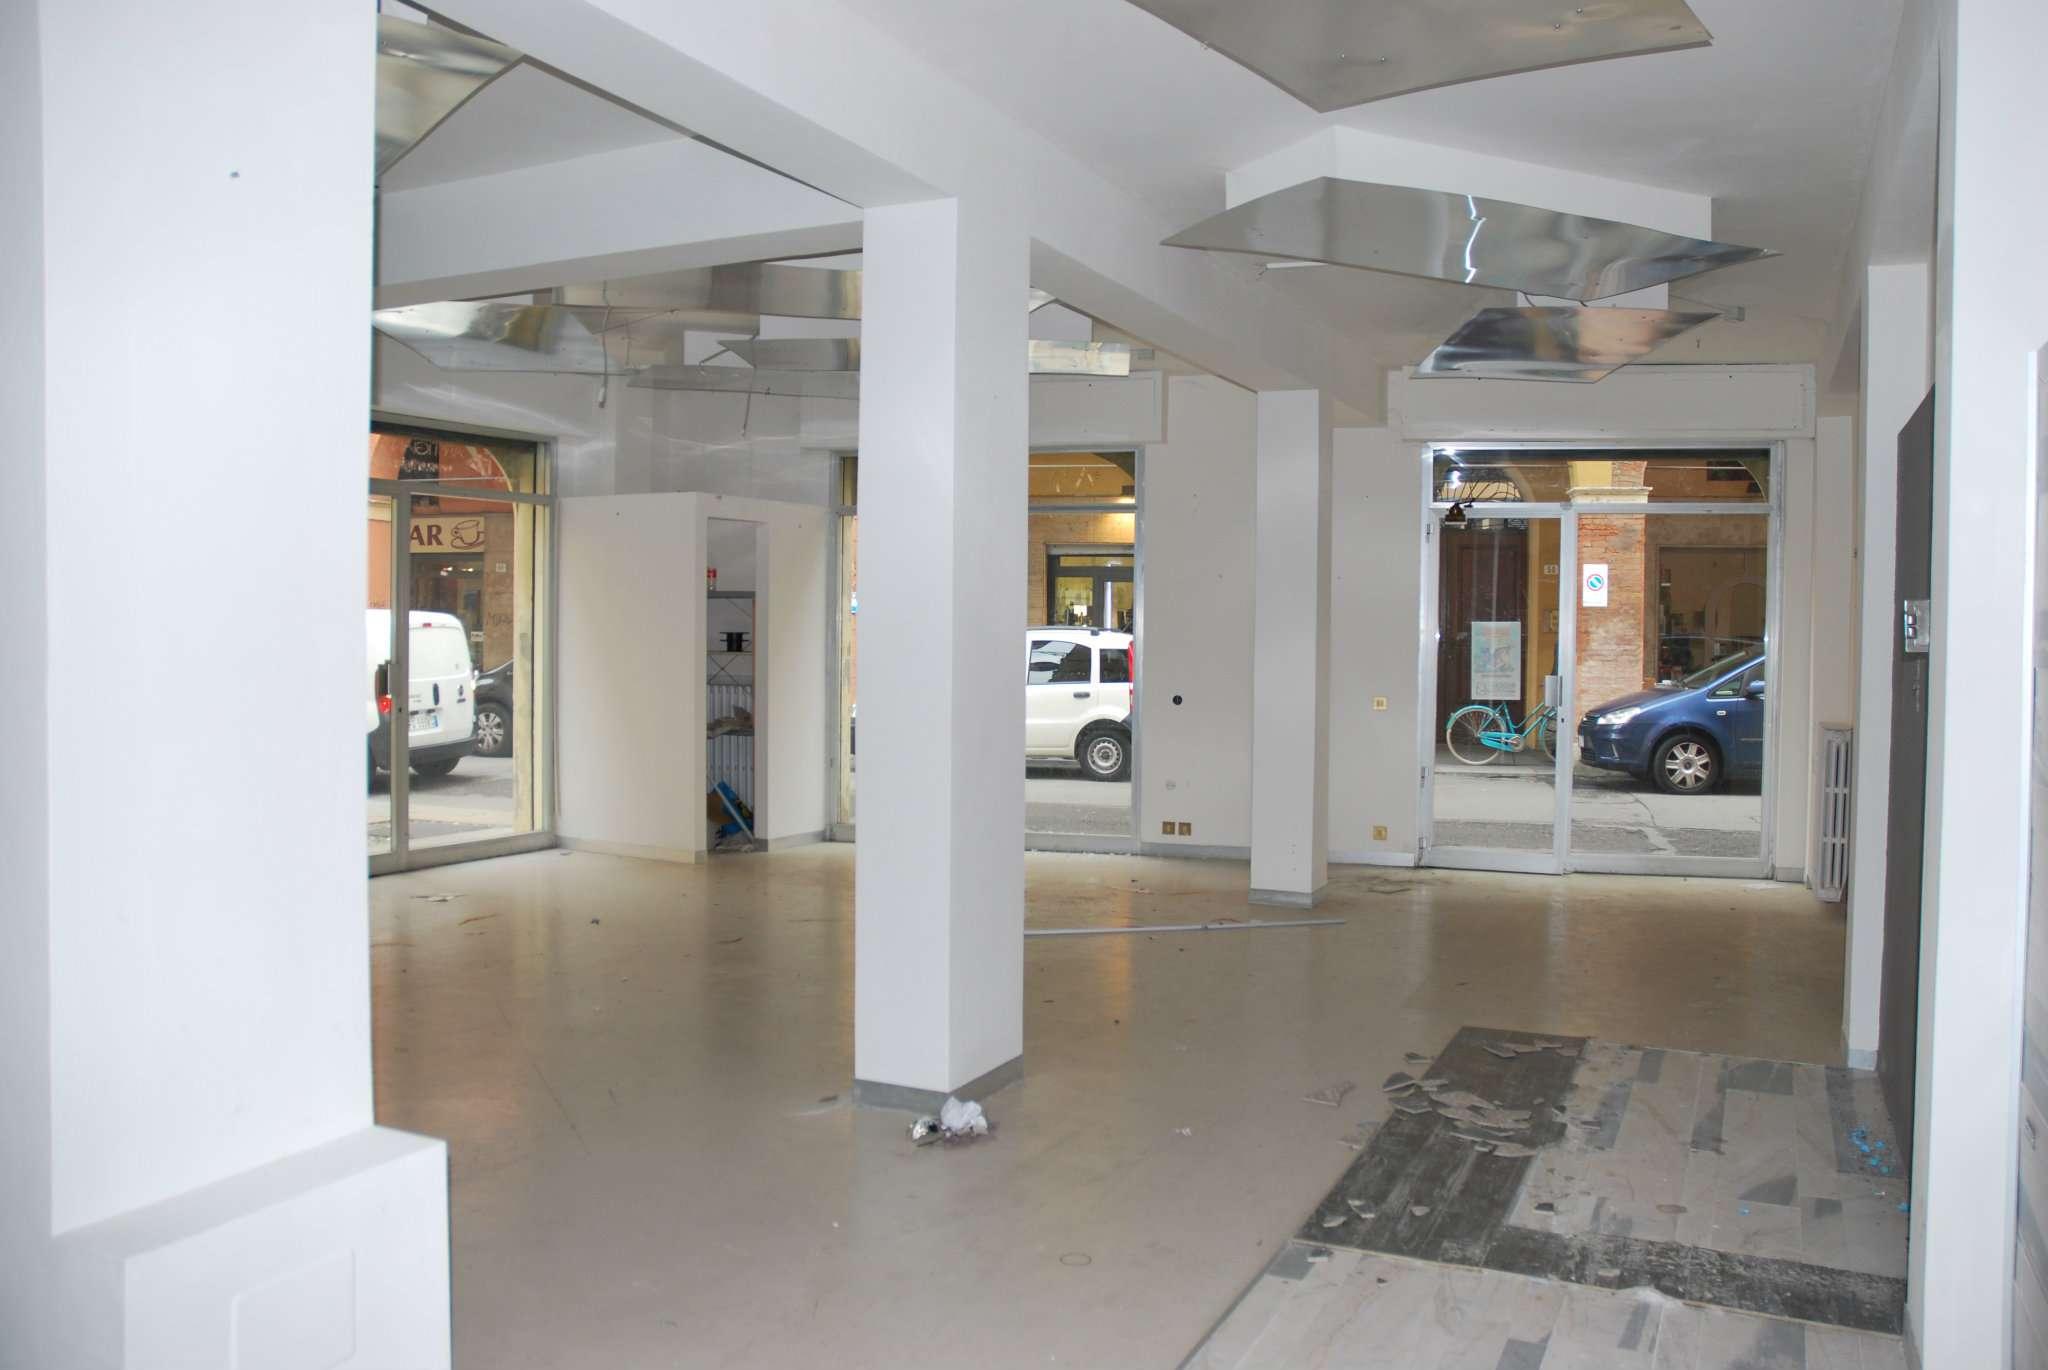 Negozio / Locale in vendita a Modena, 2 locali, prezzo € 260.000 | CambioCasa.it